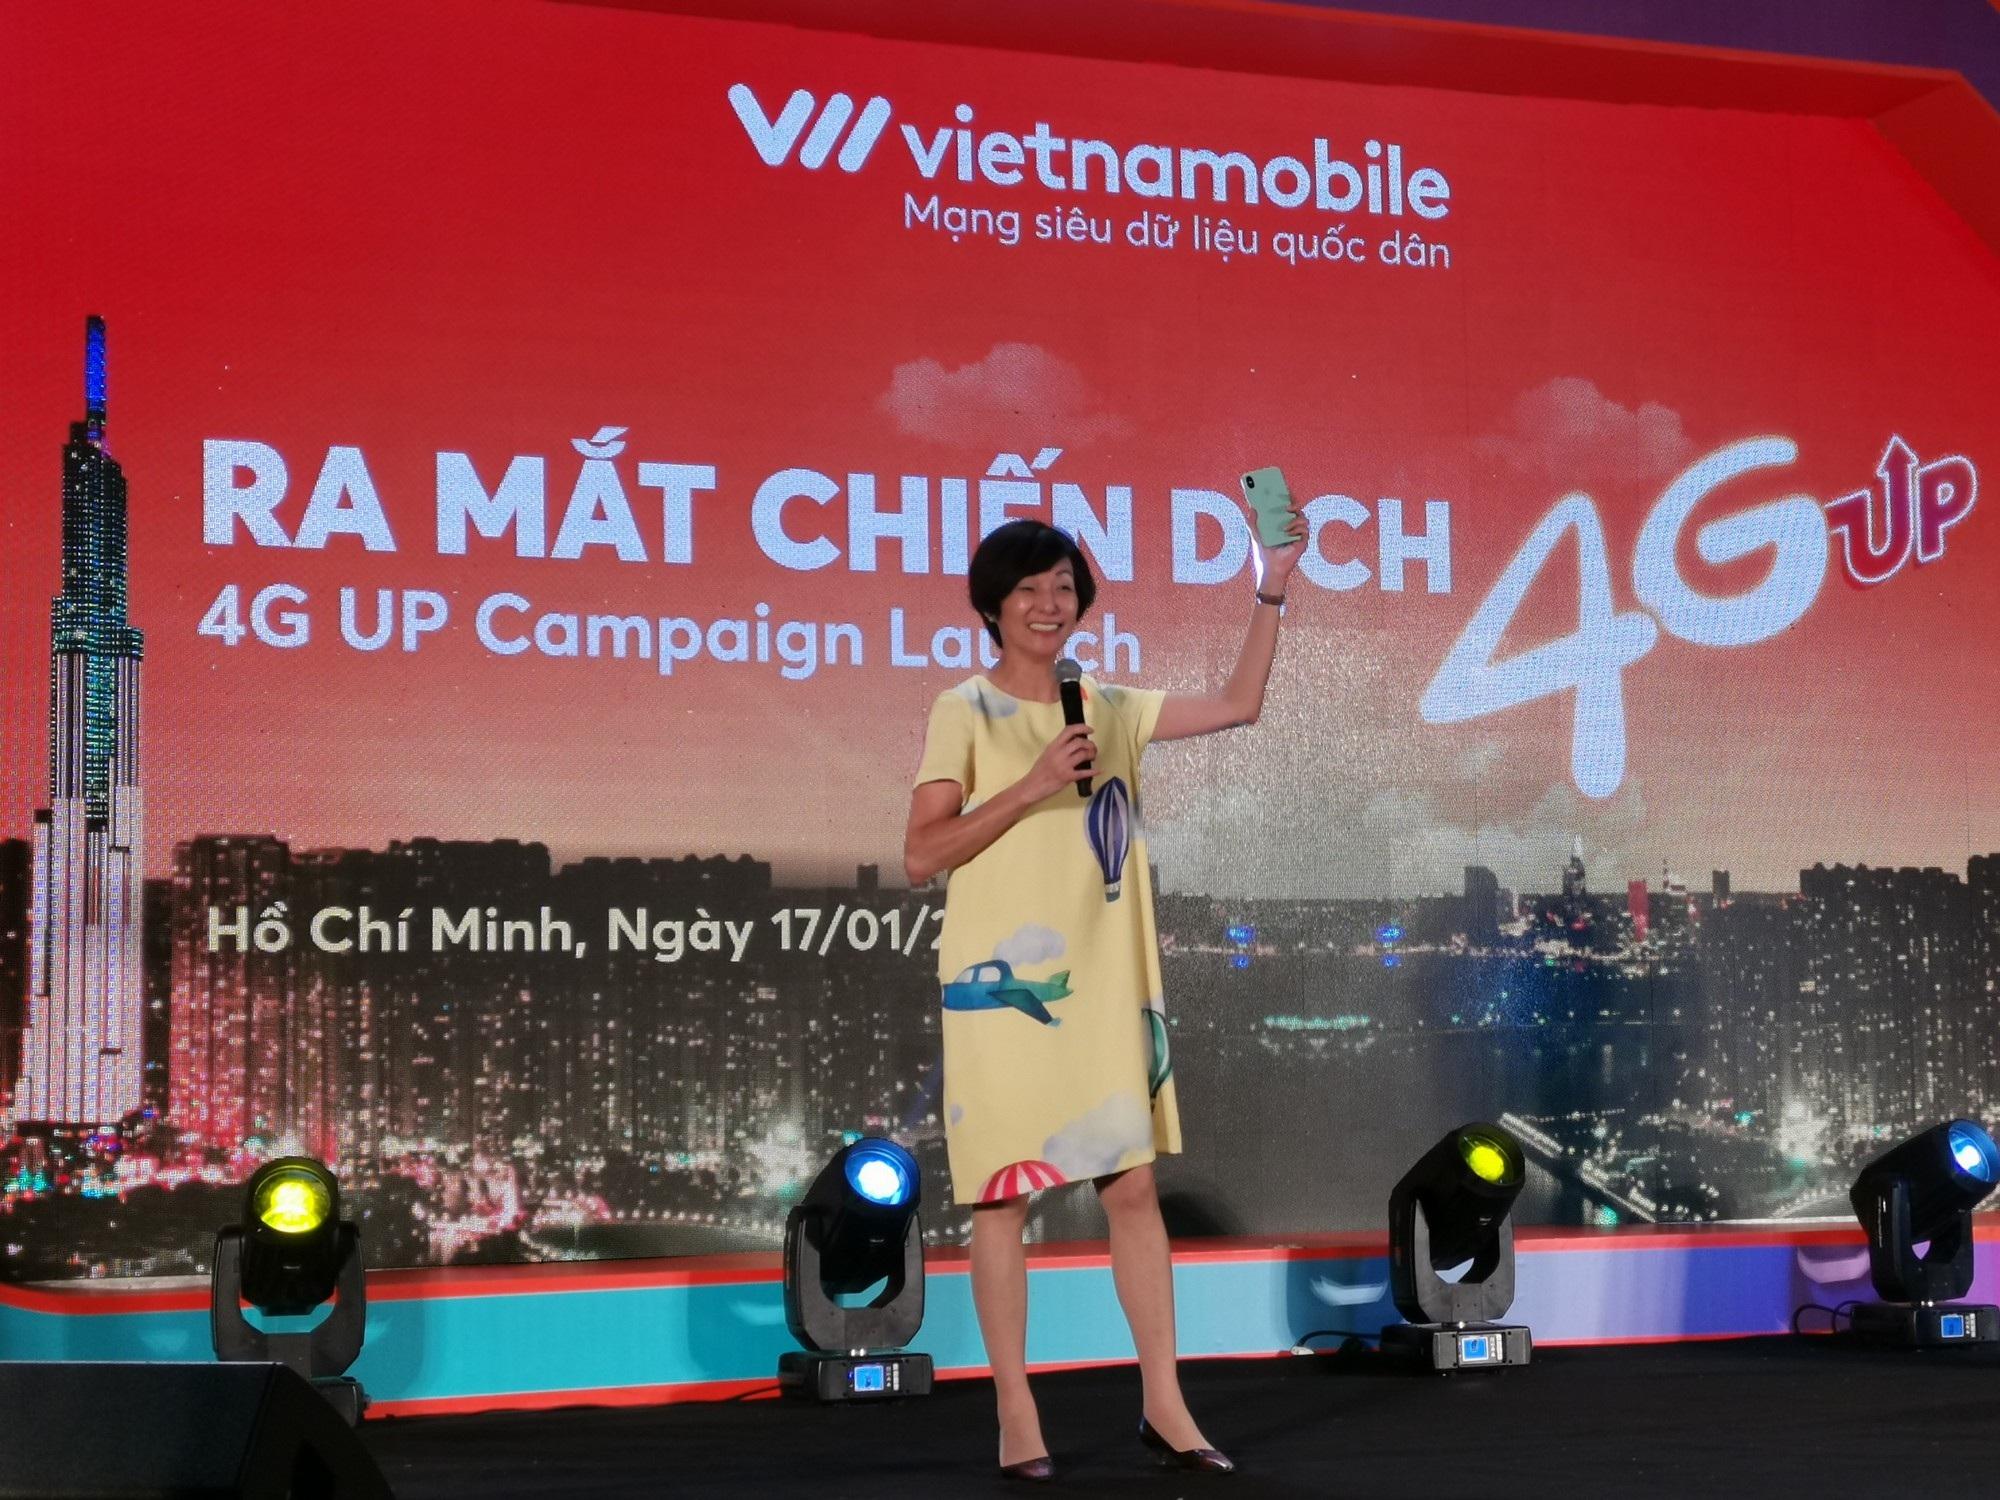 Vietnamobile chính thức ra mắt 4G, phủ sóng khắp miền Nam - Ảnh 1.